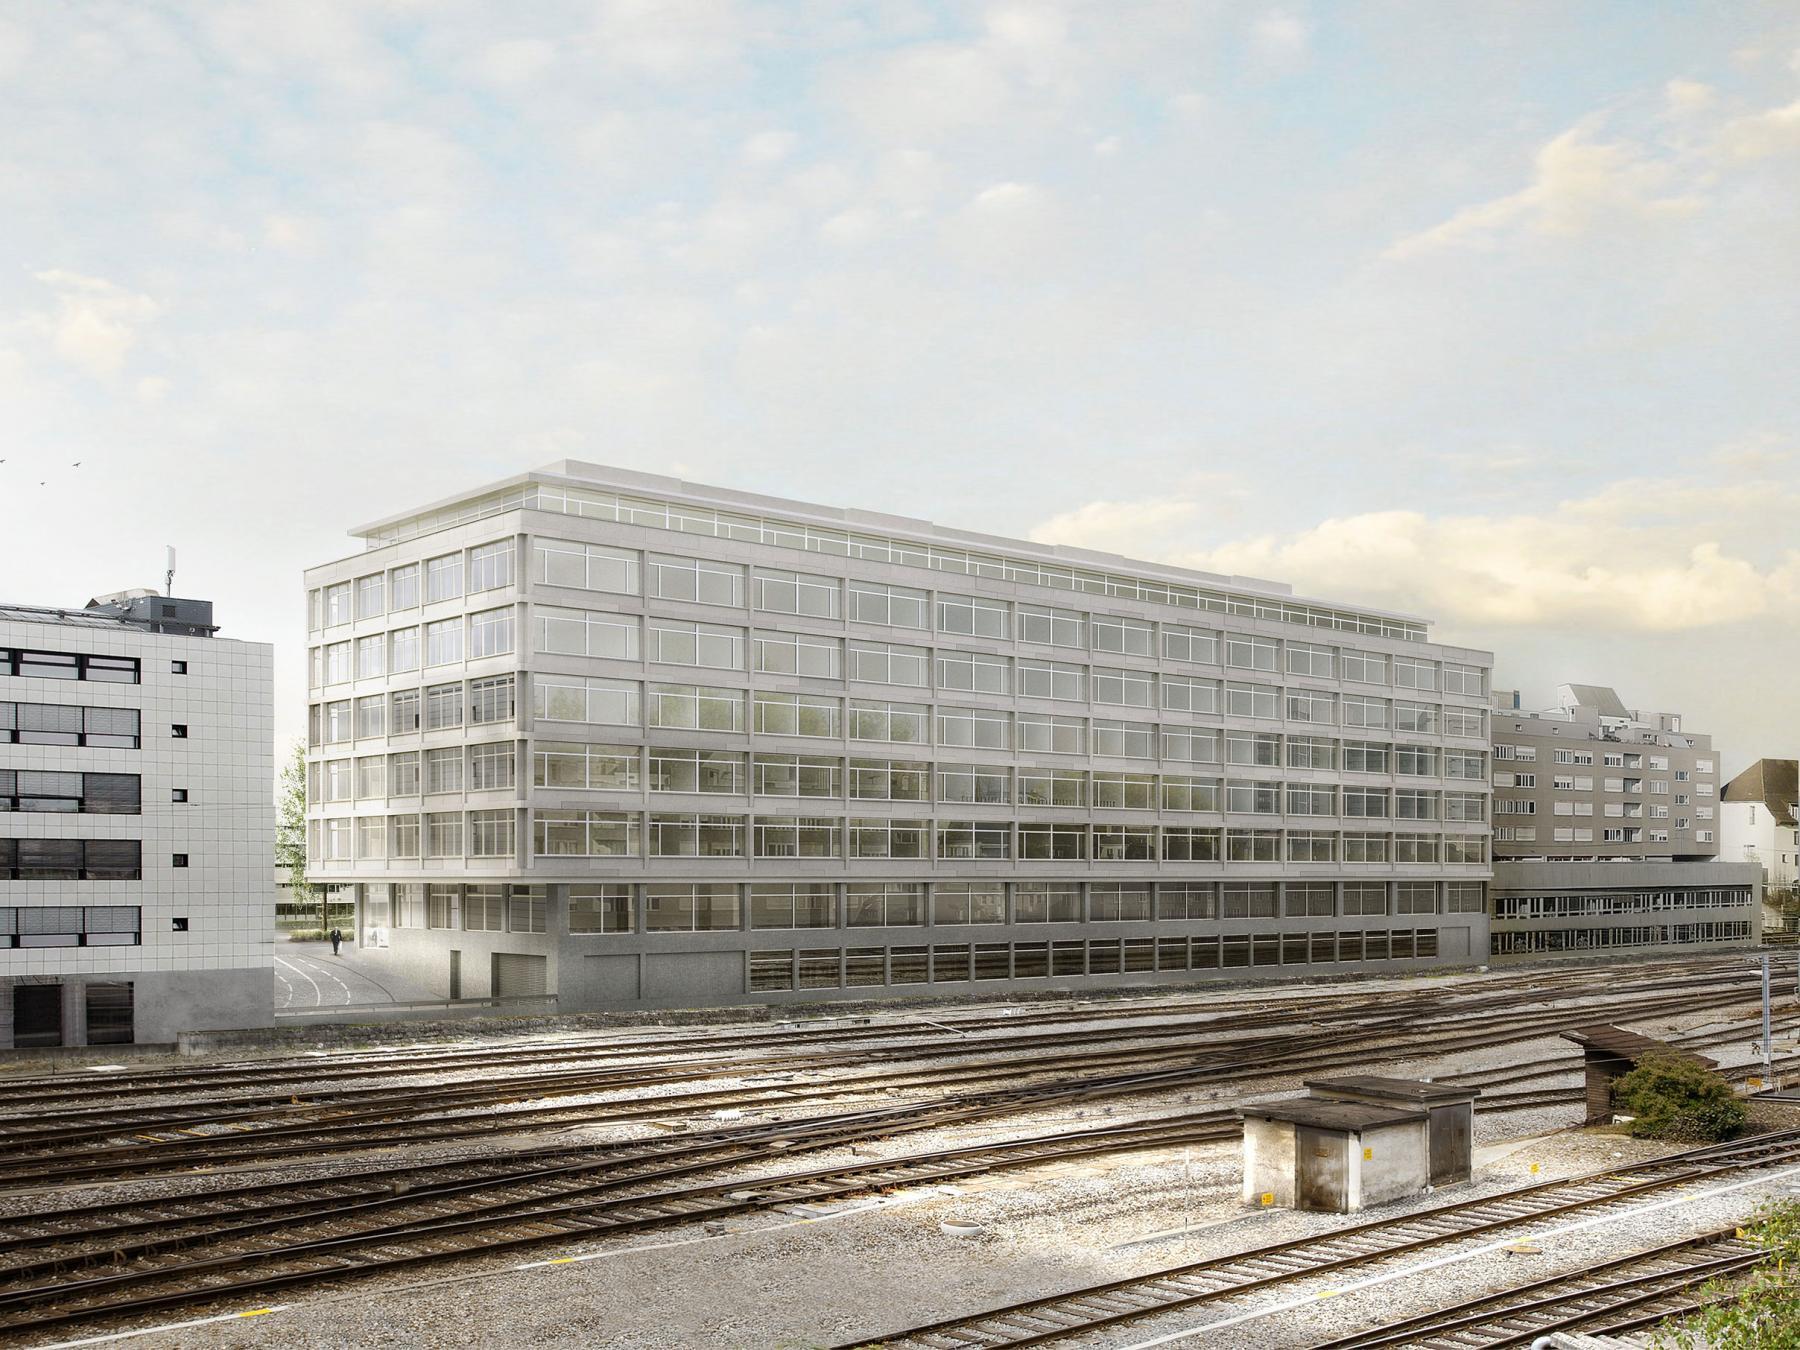 Neubau Universität Bern, Rechtsmedizin und Klinische Forschung, Gross Generalunternehmung + Schneider & Schneider Architekten, Quarz